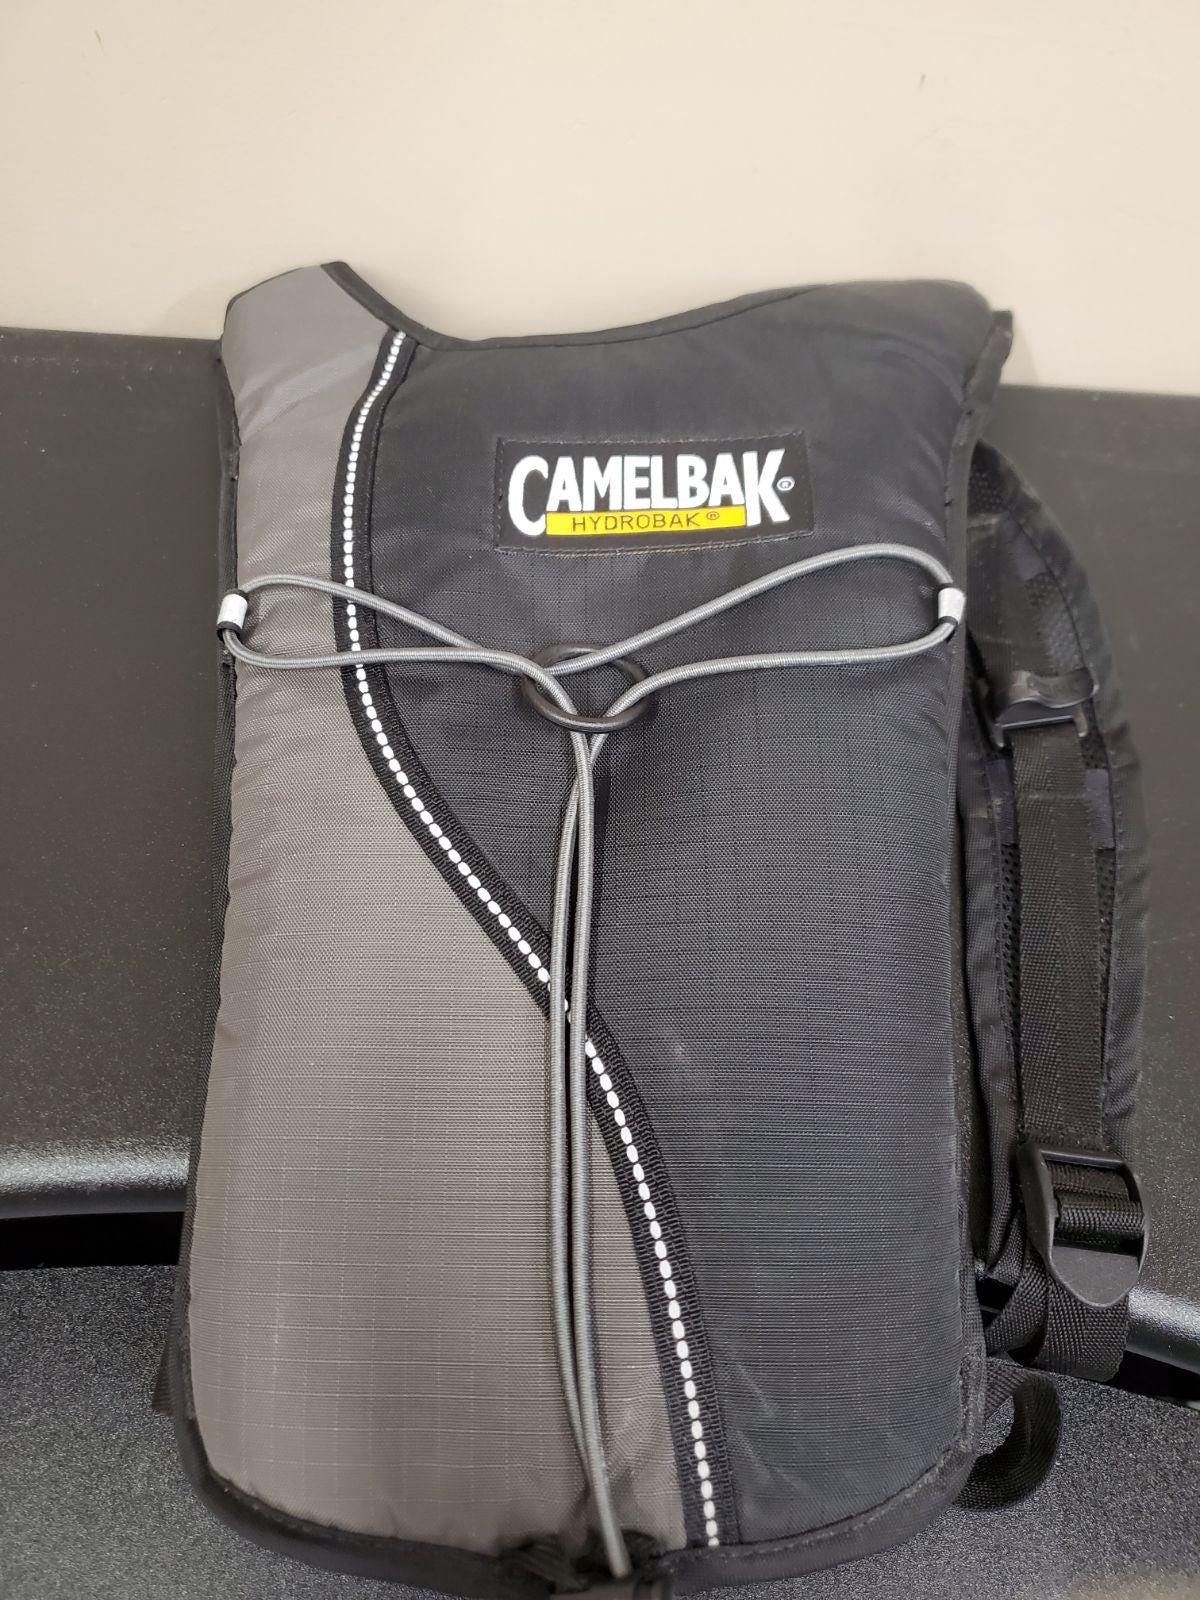 Camelbak Hydrobak